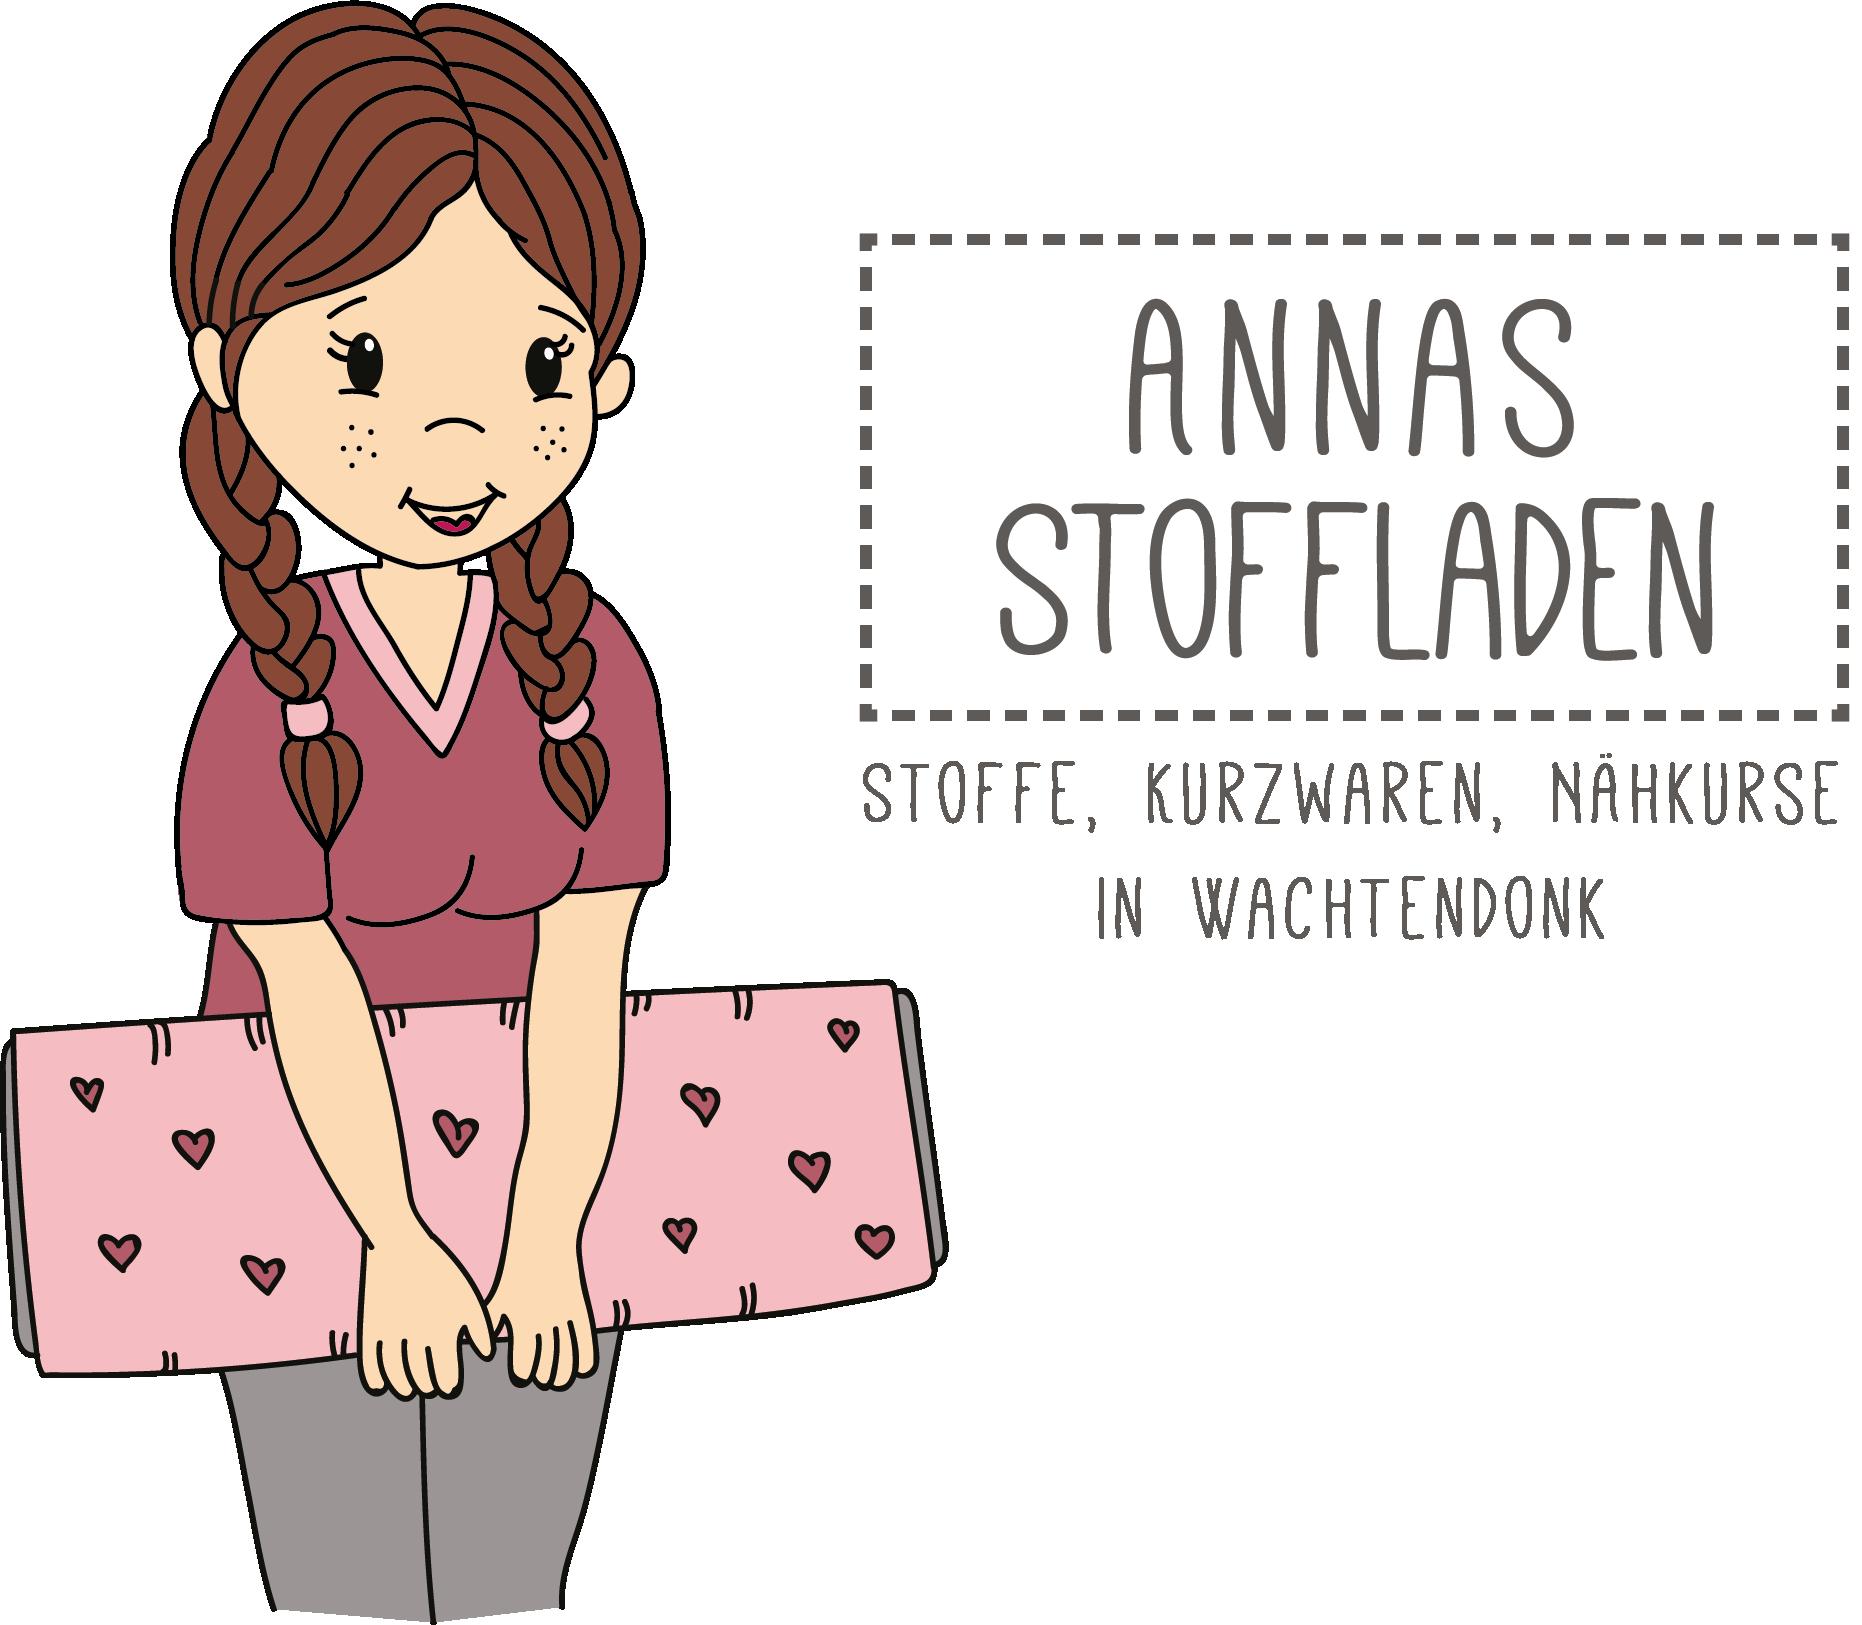 Annas Stoffladen